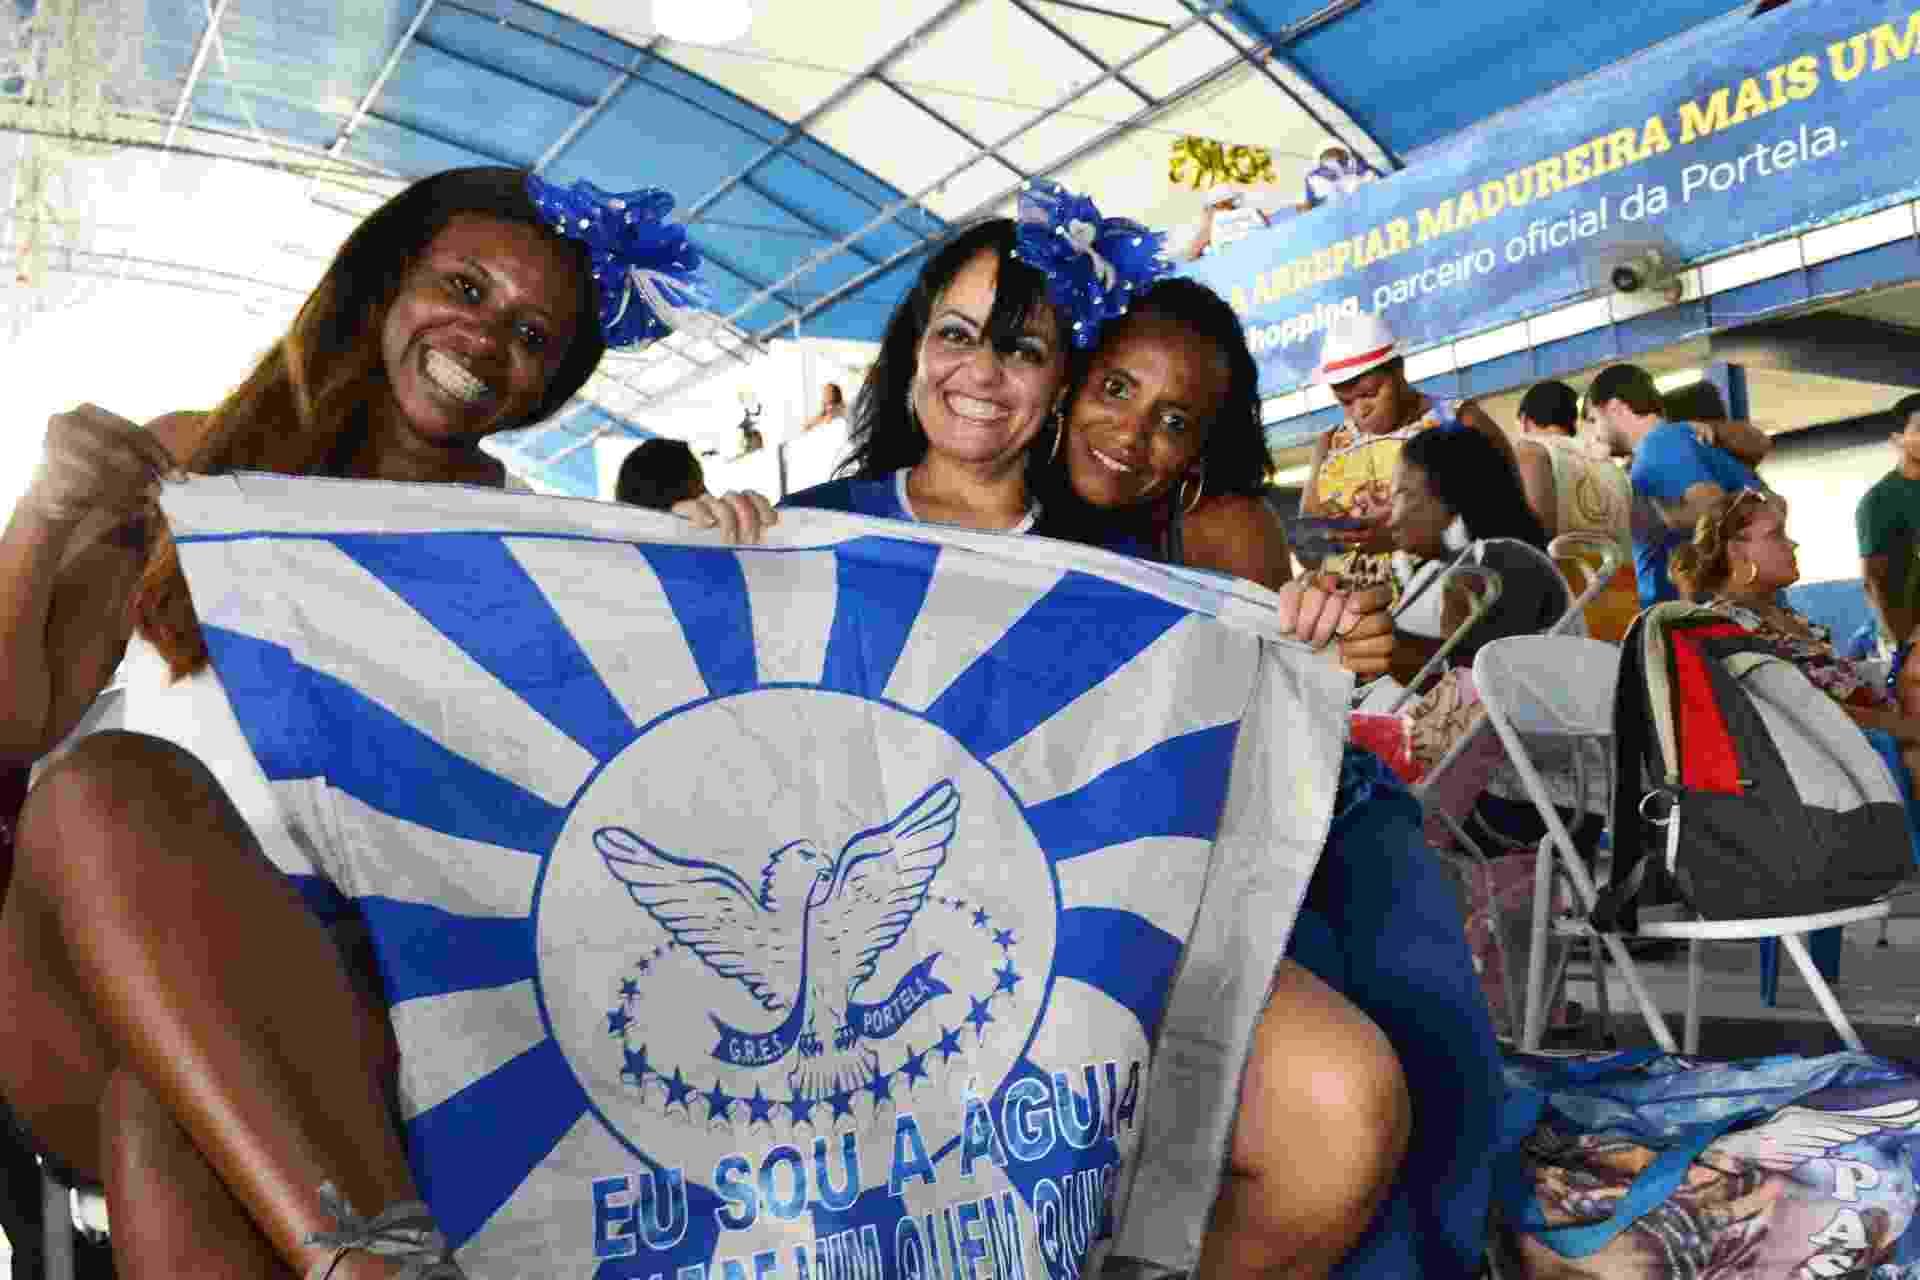 Apuração das escolas de samba do Carnaval do Rio de Janeiro - PAULO CARNEIRO/AGÊNCIA O DIA/ESTADÃO CONTEÚDO